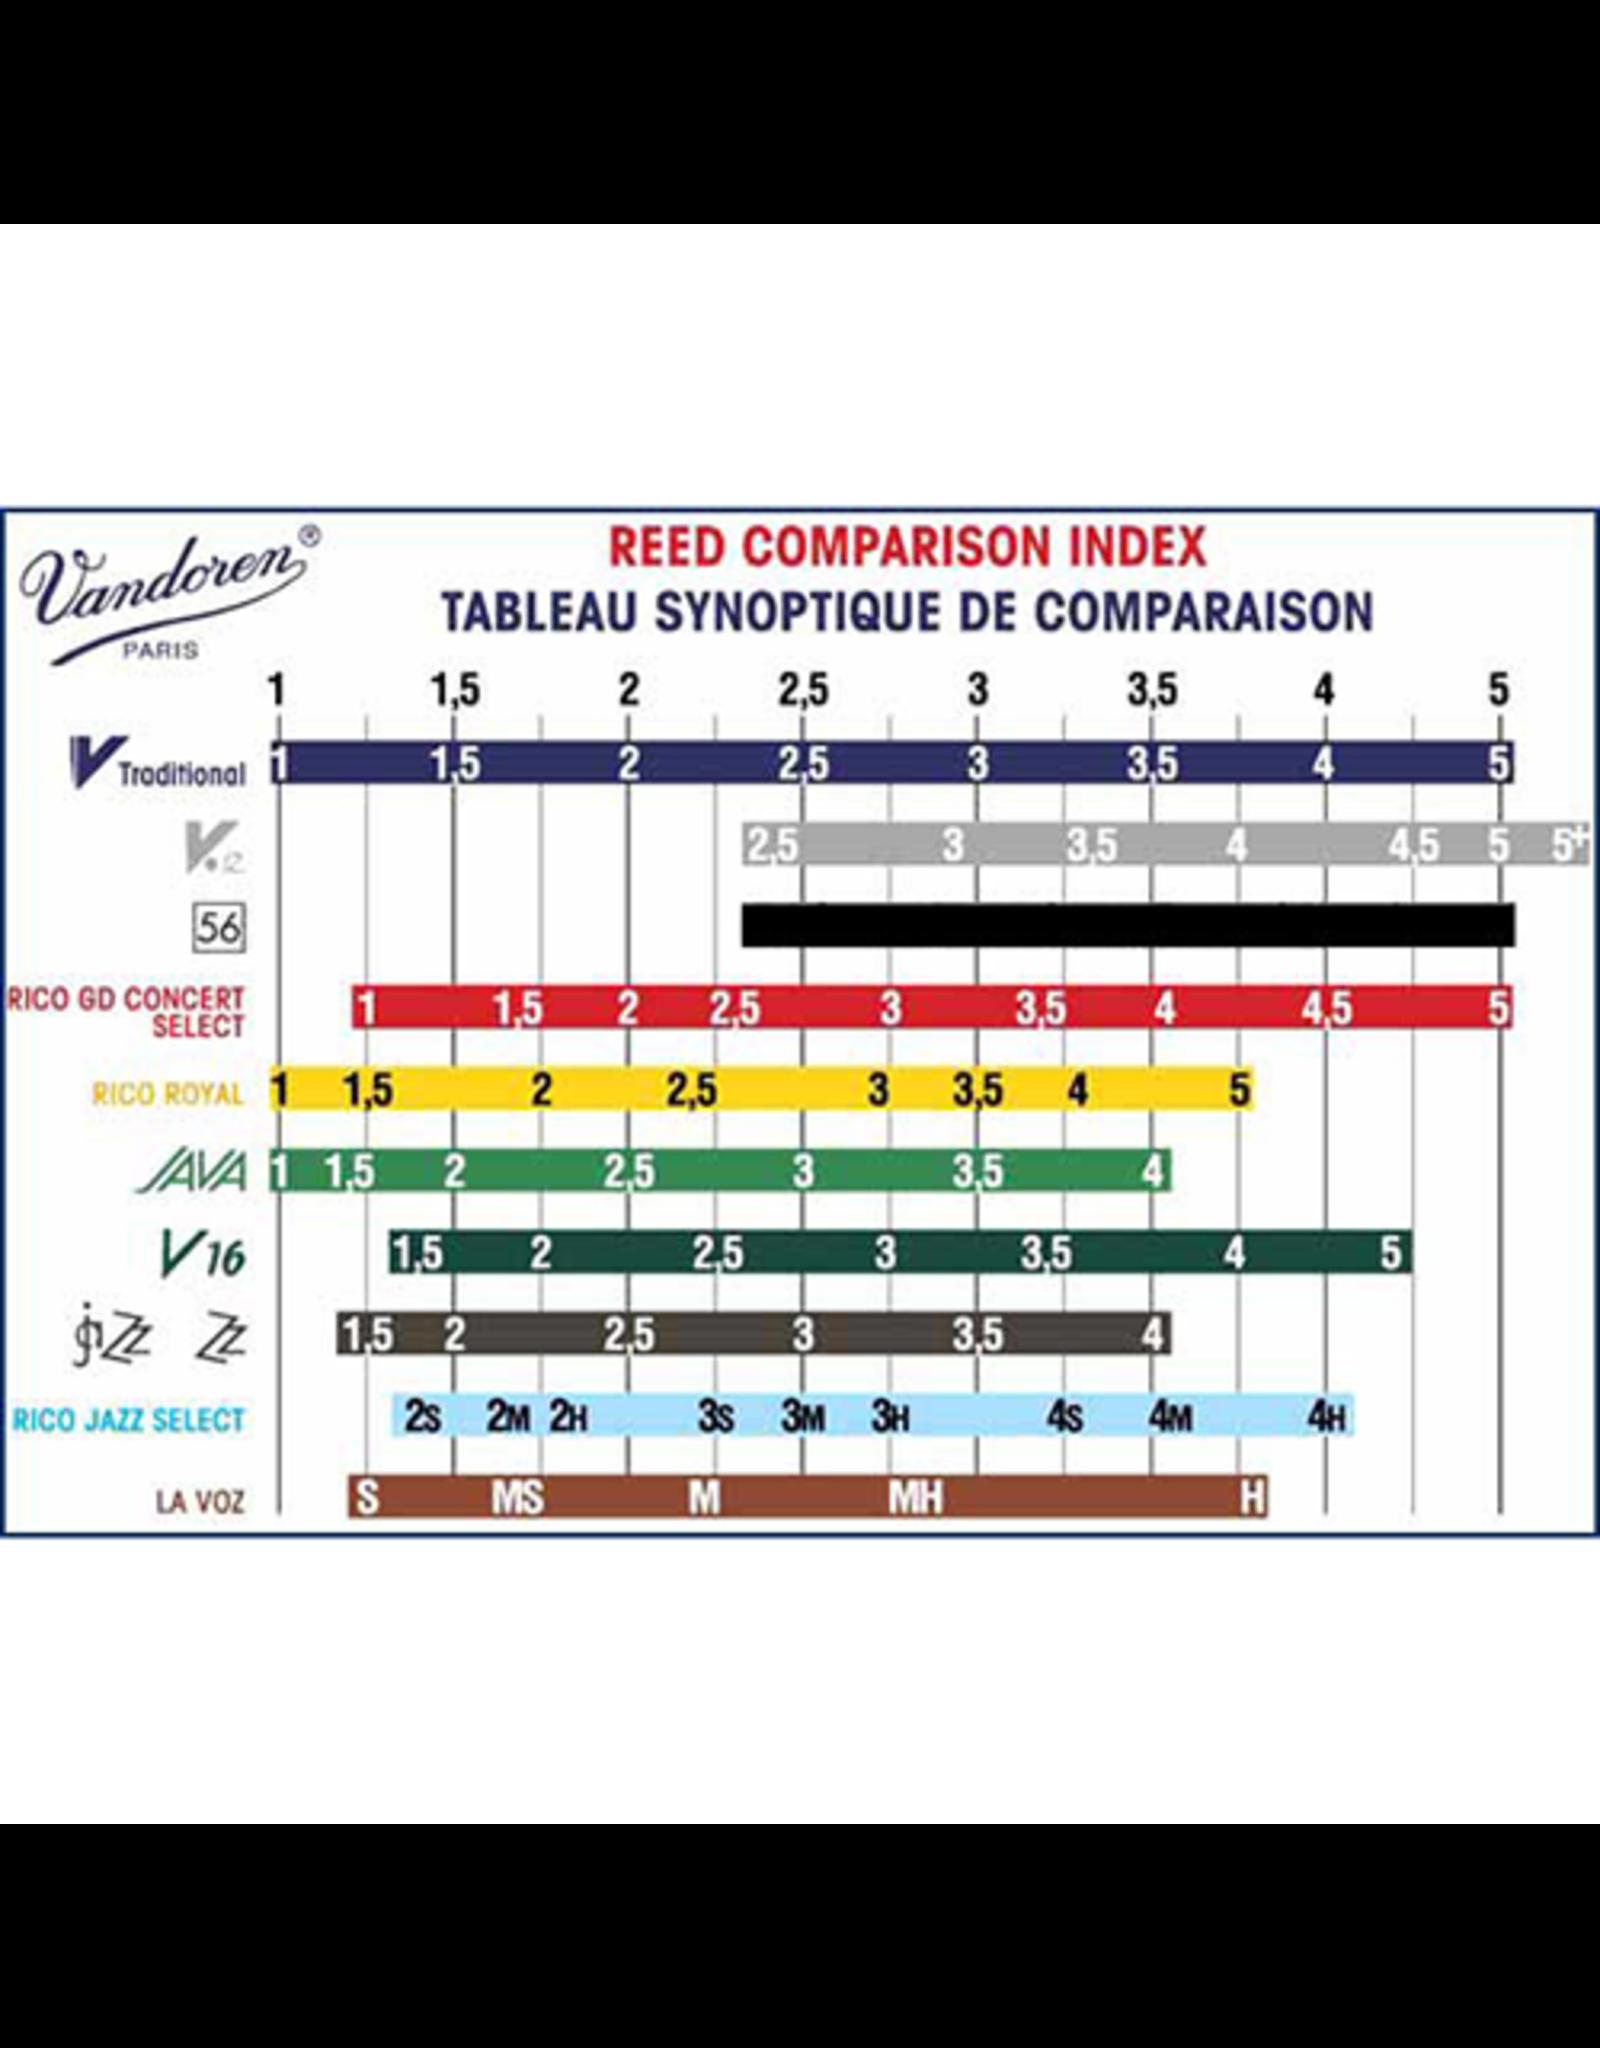 Van Doren Vandoren V16 Sopraan Sax rietjes